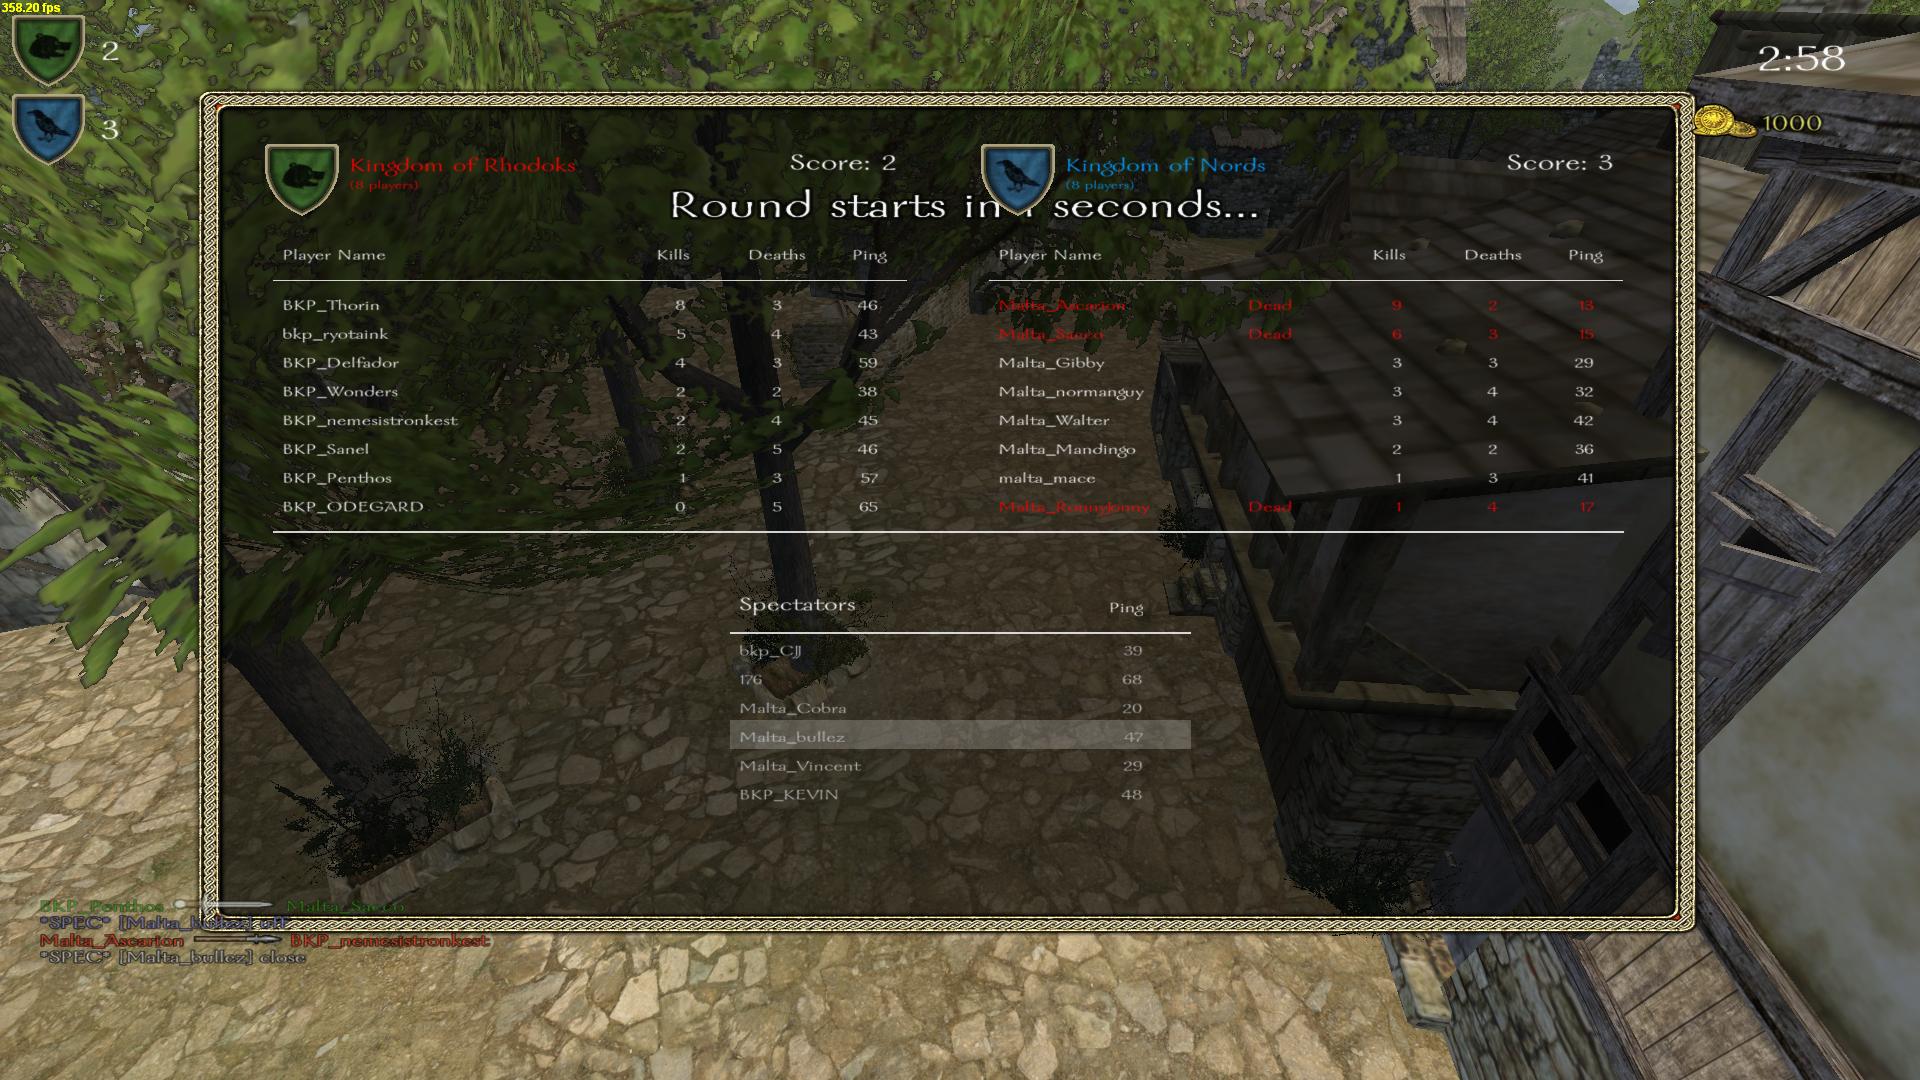 Mount-Blade-Warband-Screenshot-2021-05-19-21-44-36-80.png